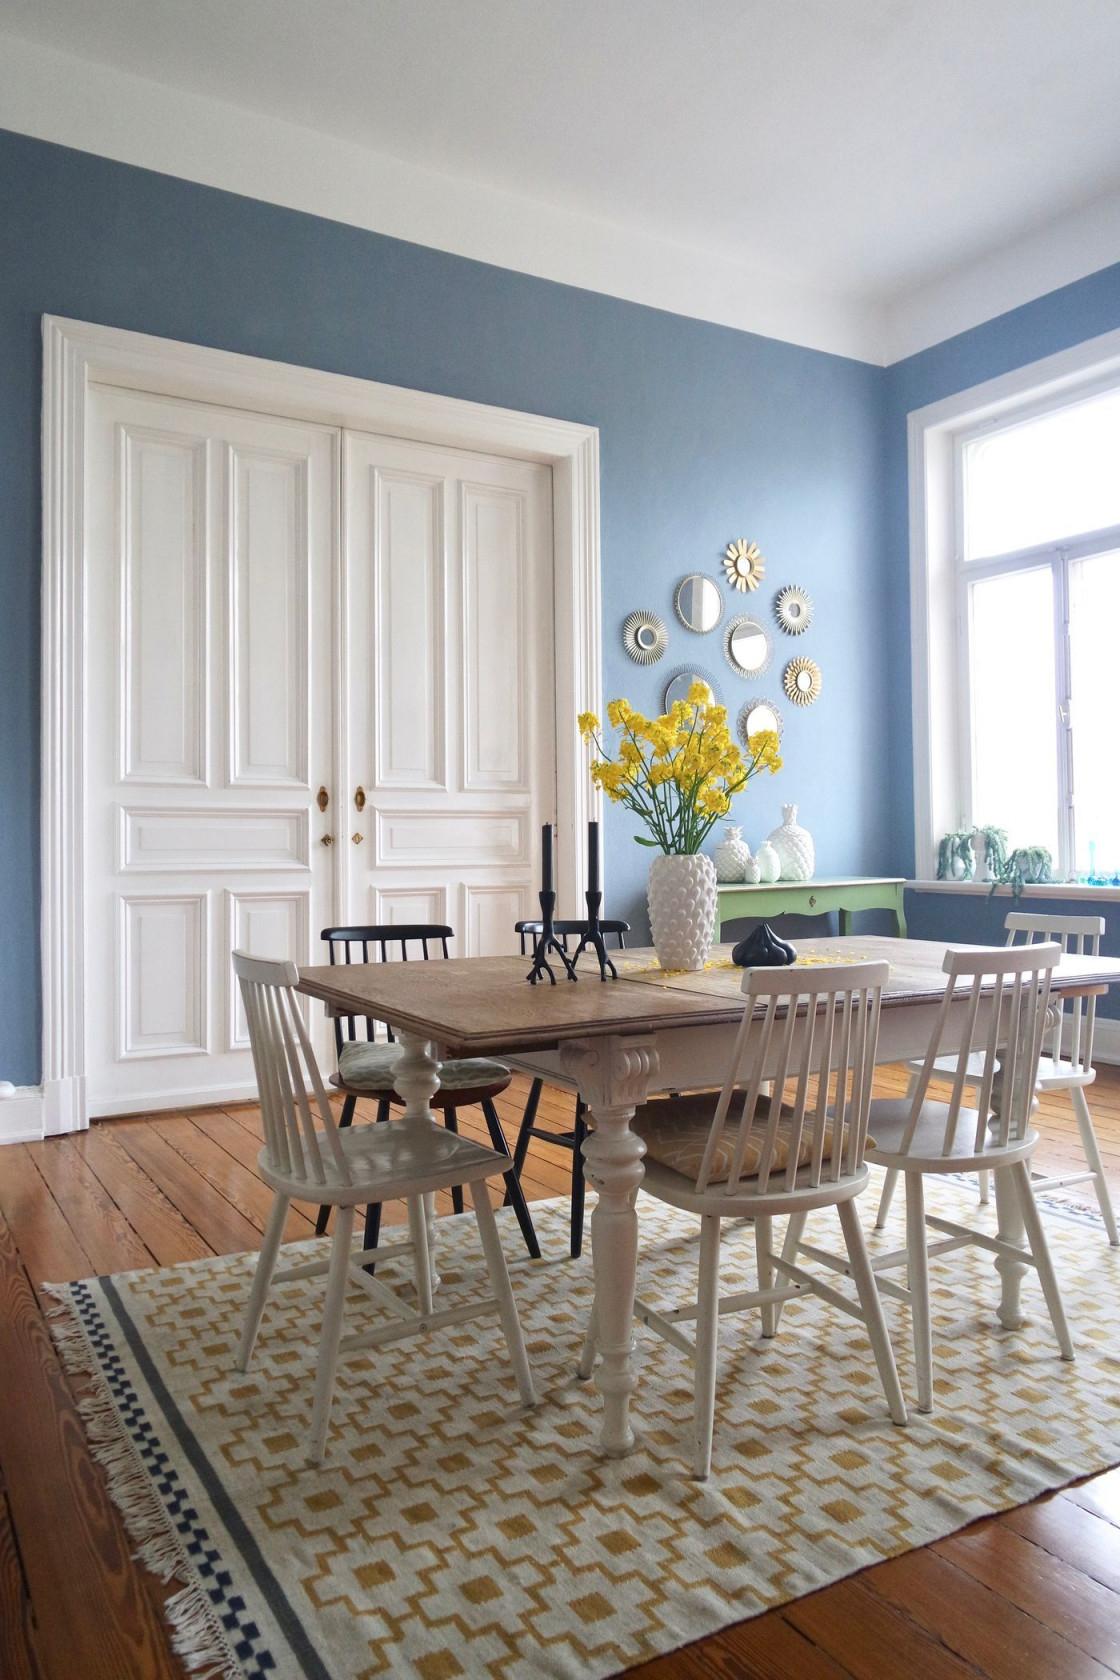 Wandfarbe Blau Und Petrol Die Besten Ideen Für Blautöne von Deko Hellblau Wohnzimmer Bild